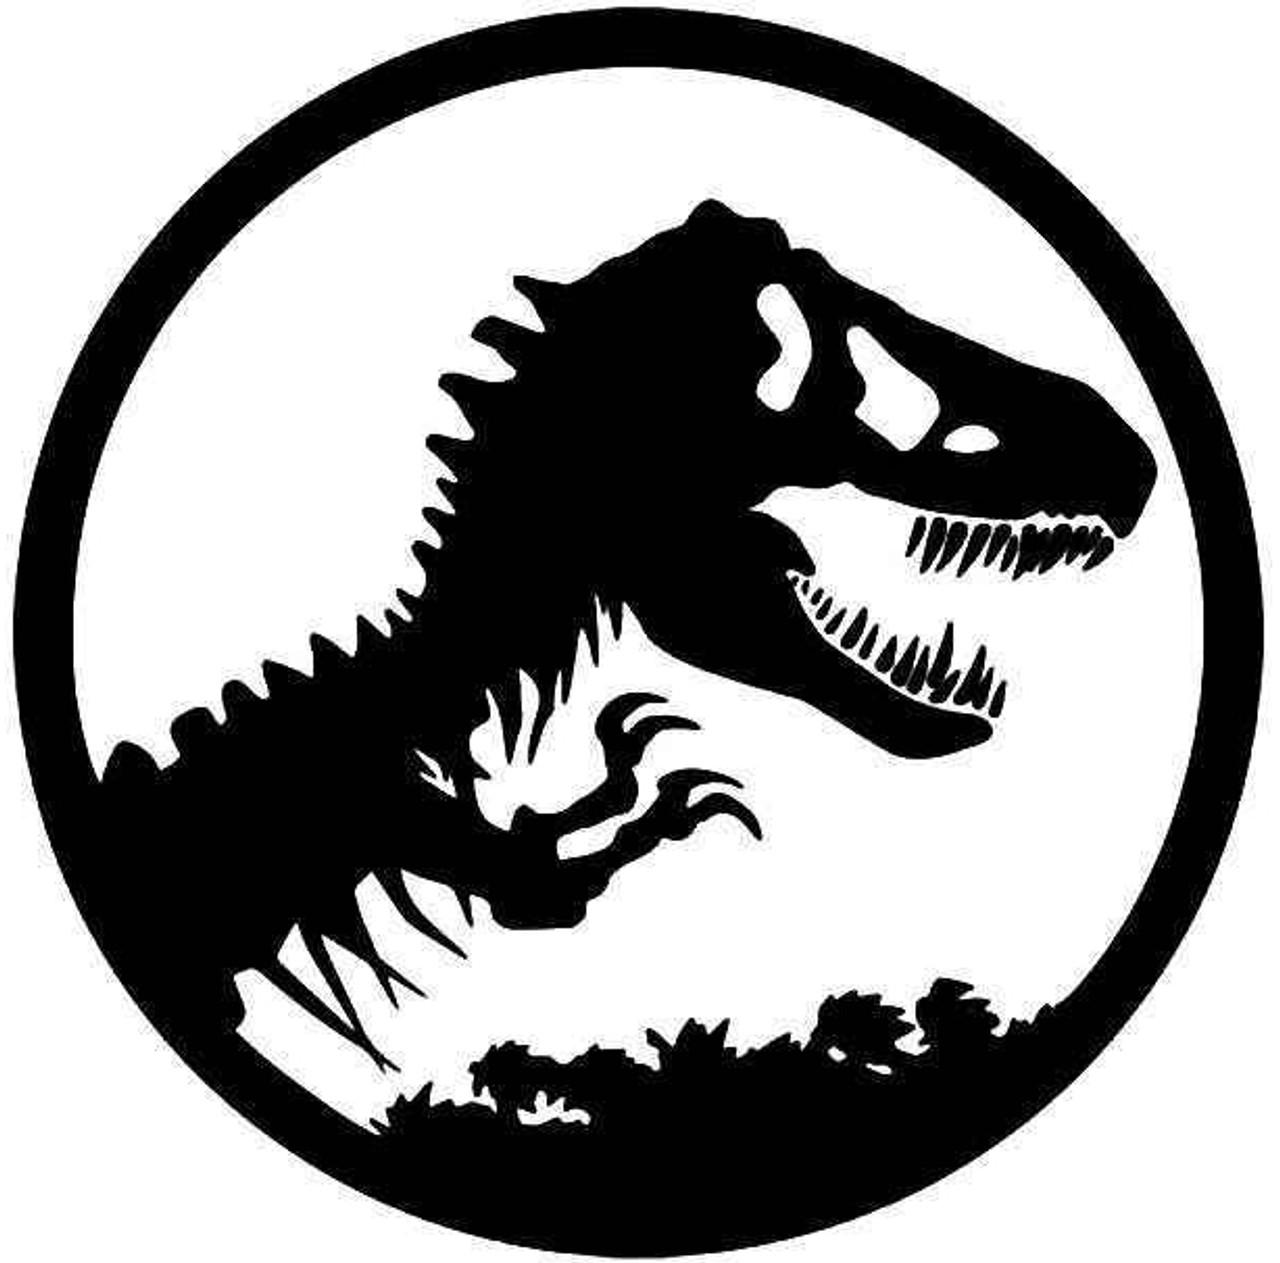 Jurassic Park T Rex Dinosaur Vinyl Sticker